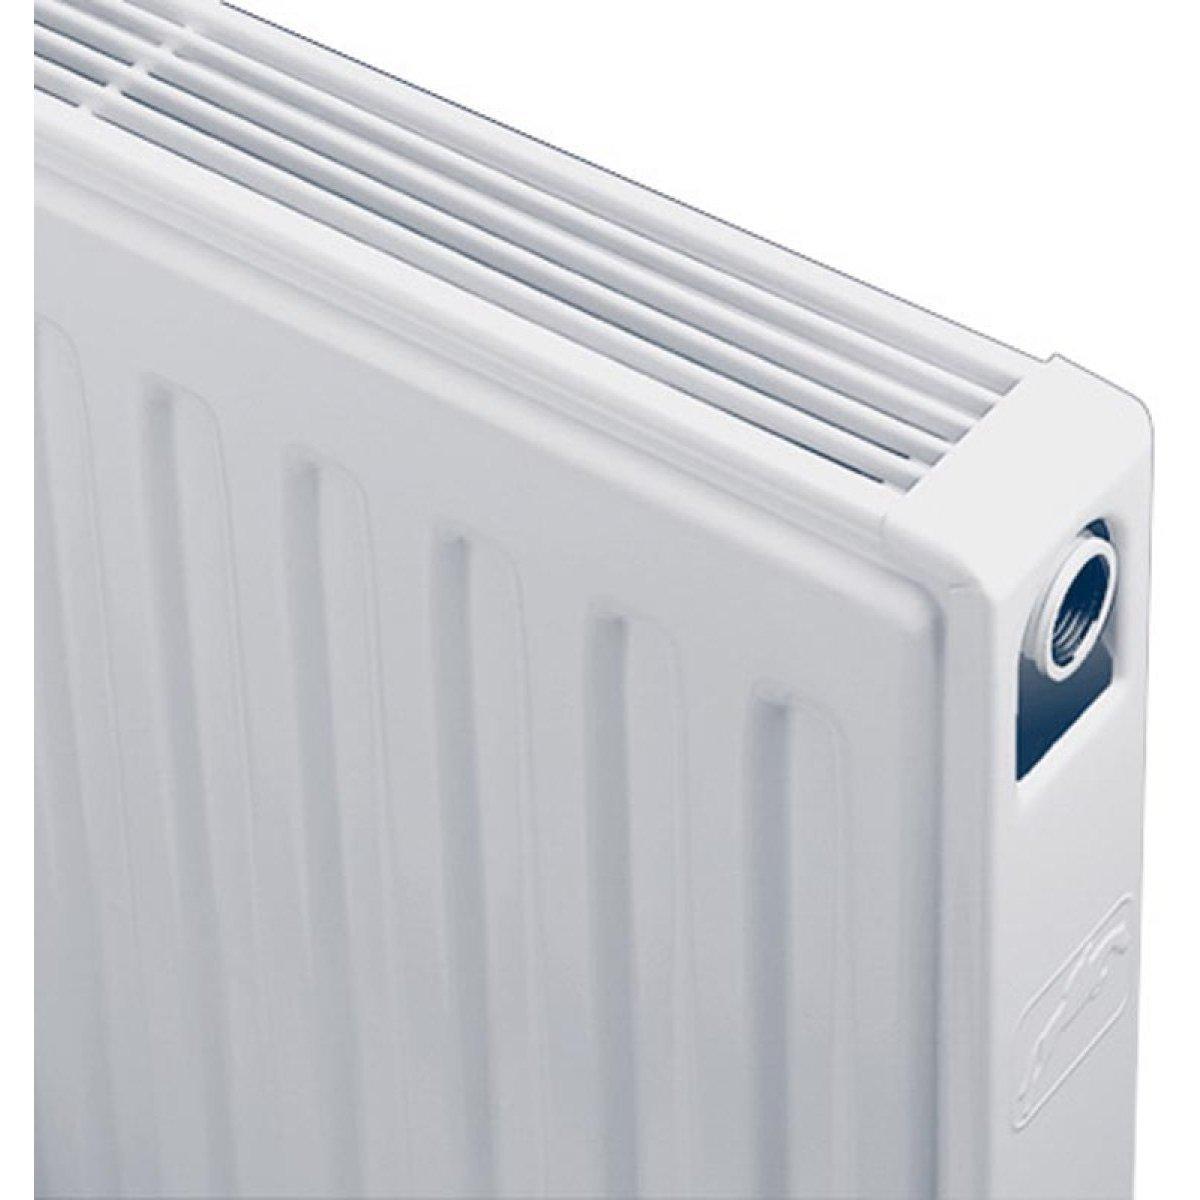 radiateur compact 4 connexions type 21s de brugman saint. Black Bedroom Furniture Sets. Home Design Ideas